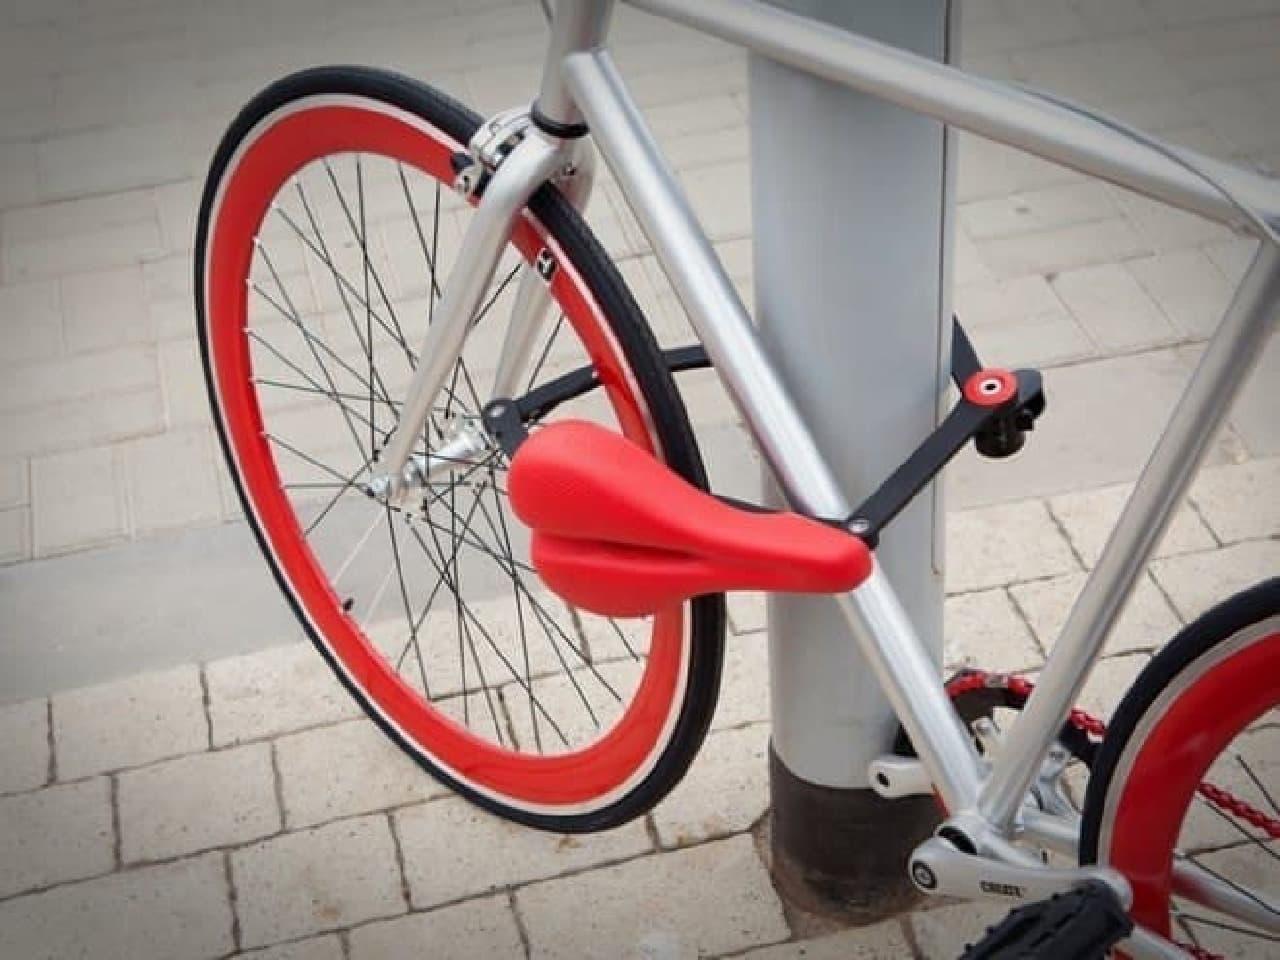 サドルを自転車用ロックとしてして使用する「Seatylock」